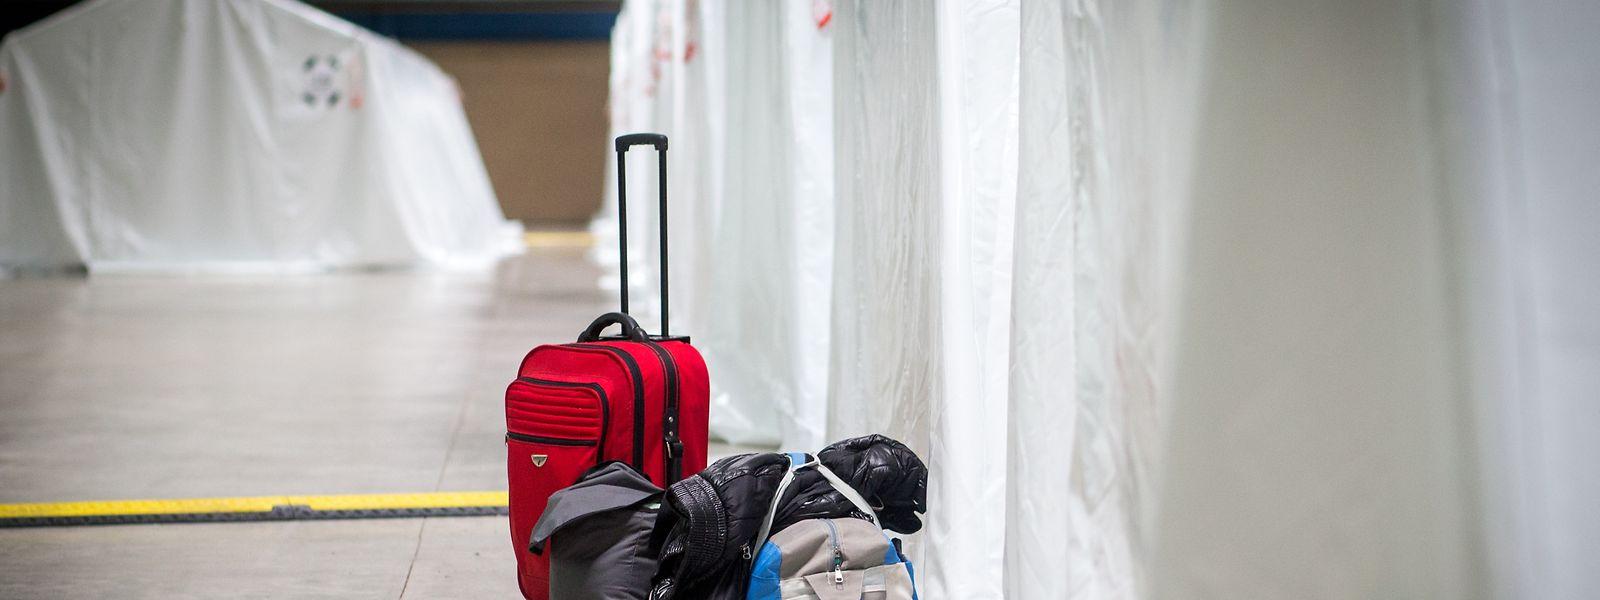 Die Flüchtlinge besser integrieren und sie menschenwürdig behandeln. So lauten einige Forderungen der LSAP.